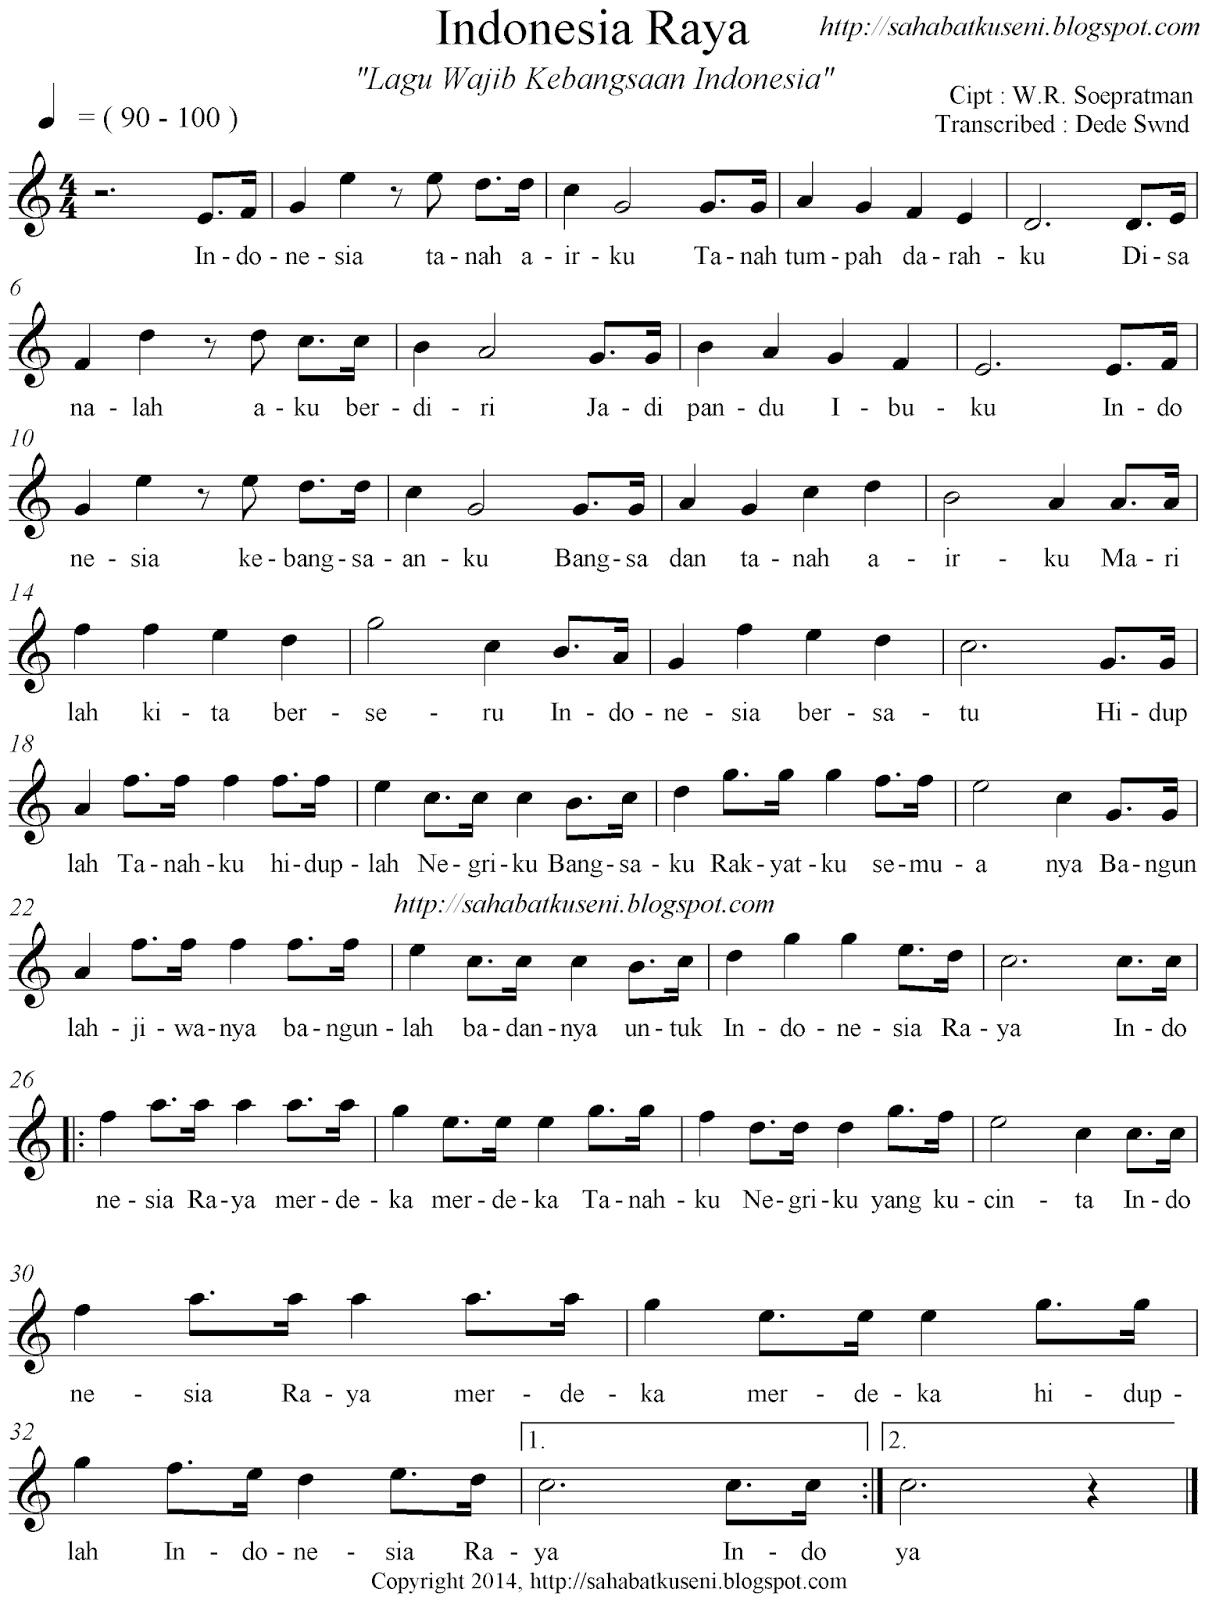 lagu wajib kebangsaan Indonesia Raya